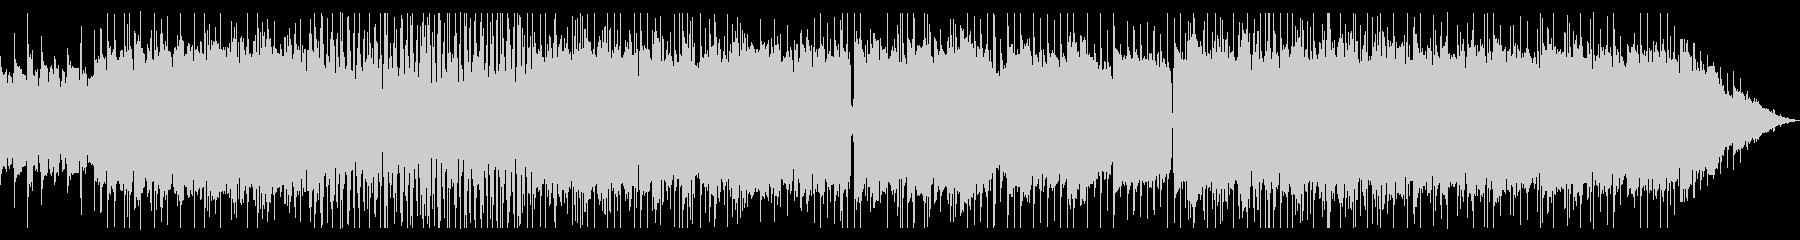 キャッチーなリフが特徴のメタルの未再生の波形